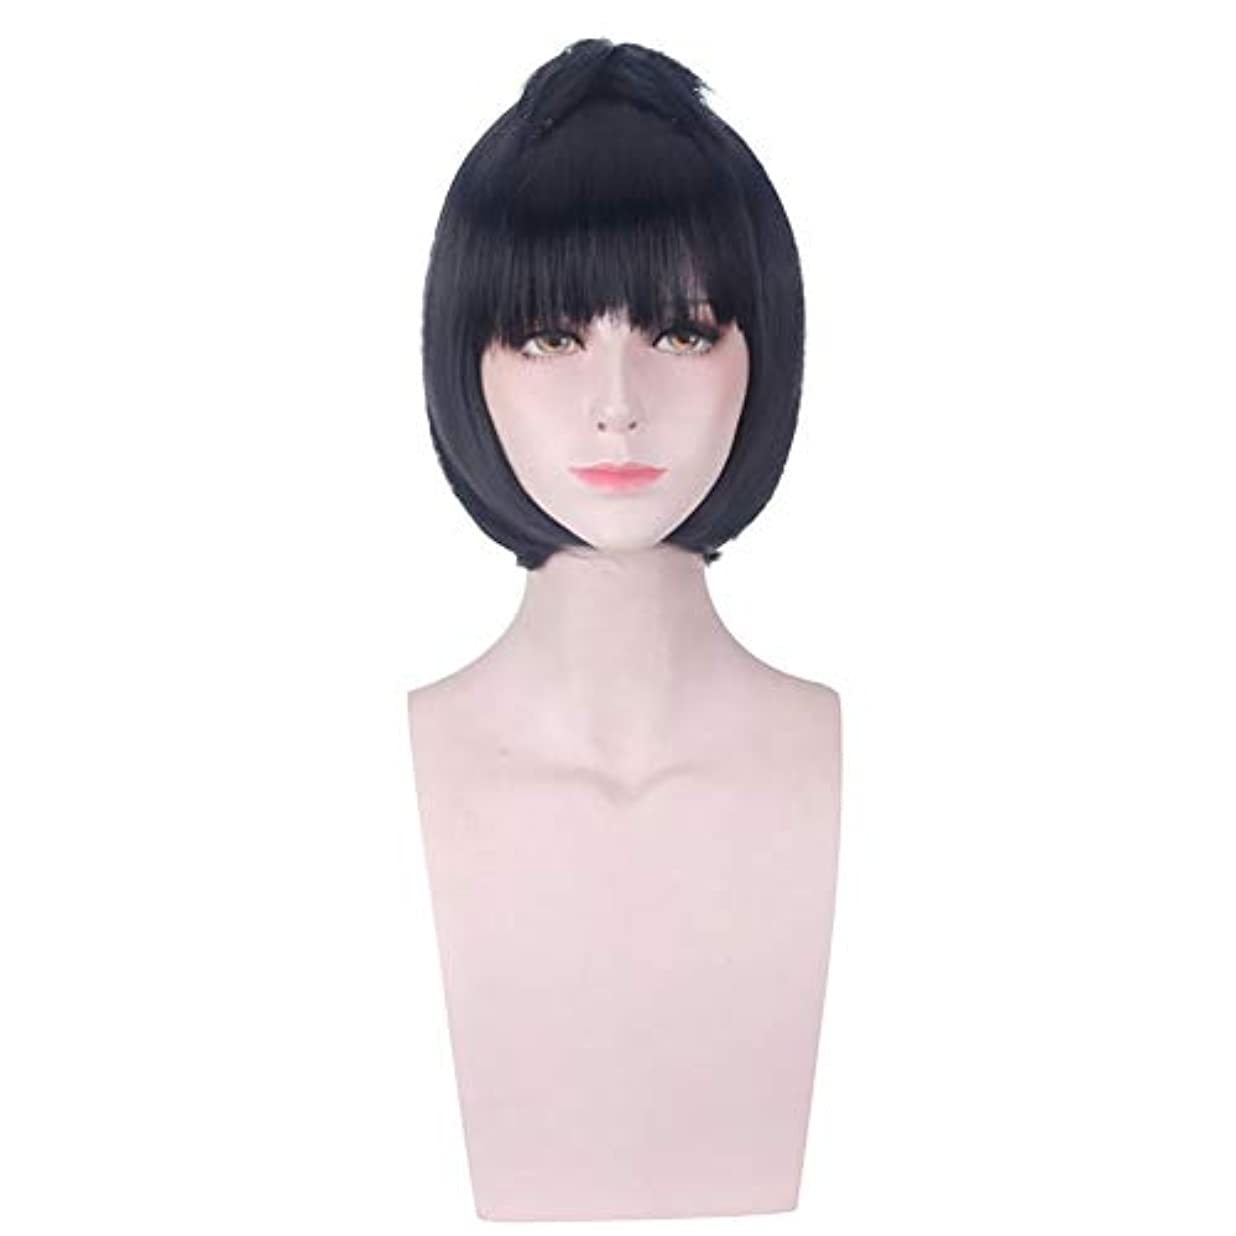 プリーツ貝殻実験室前髪/前髪ウィッグと女性の合成黒ショートウィッグ高温ファイバーヘアー